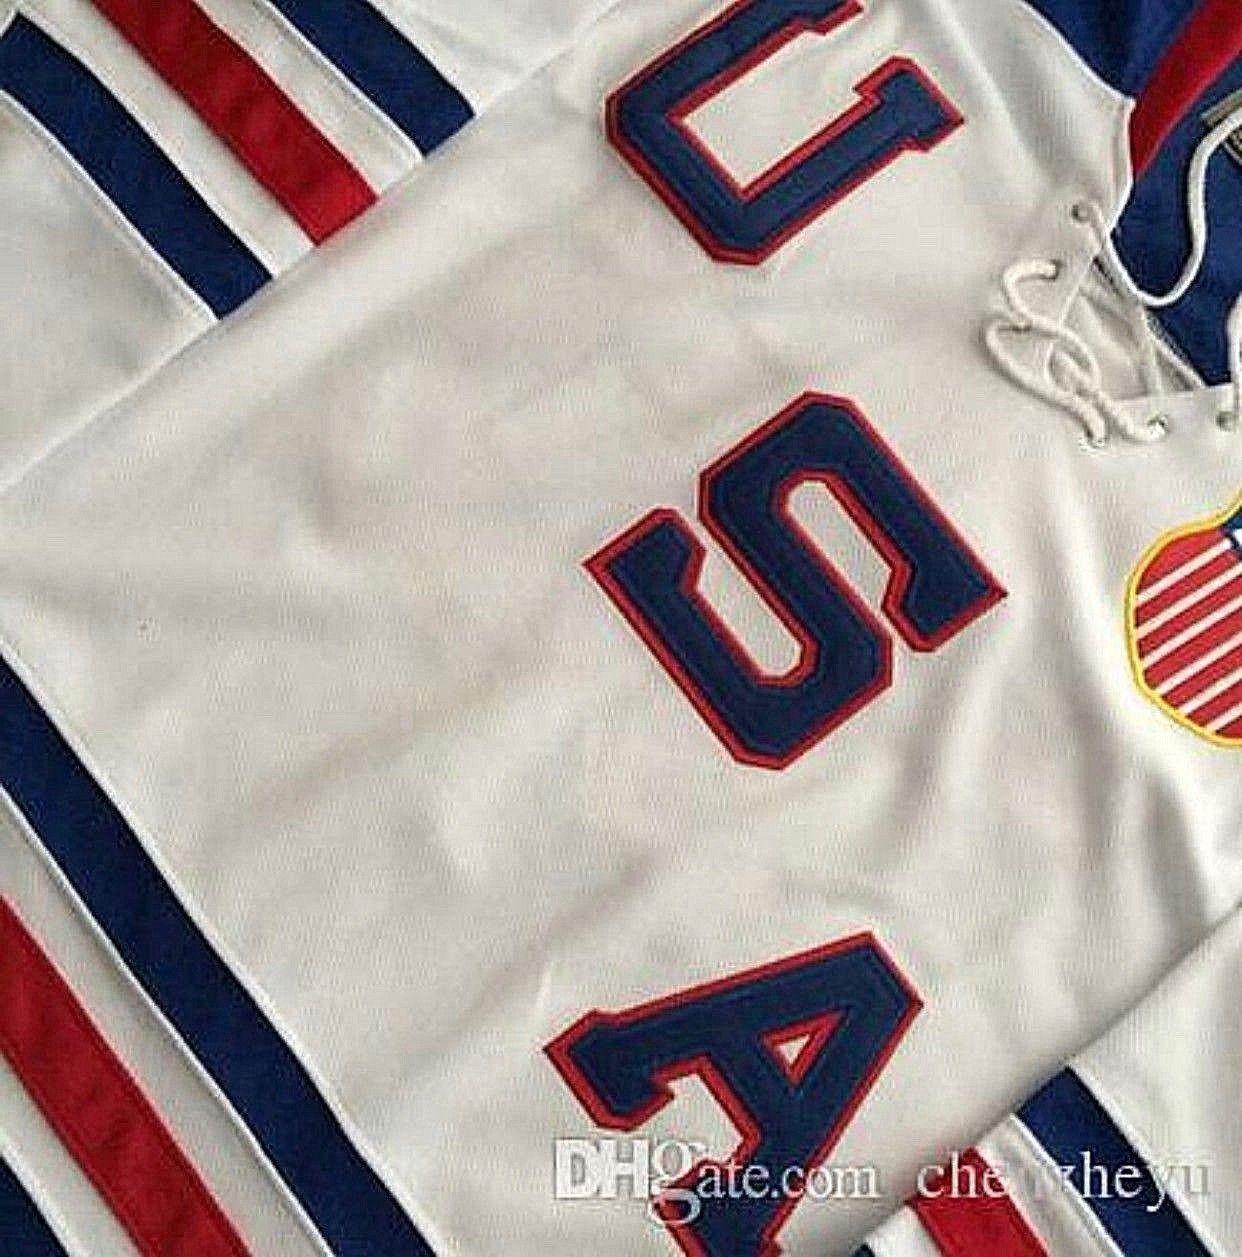 2010 Vancouver Olympics Team Usa Hockey Jersey Patrick Kane More Usa Hockey Jersey Team Usa Hockey Usa Hockey